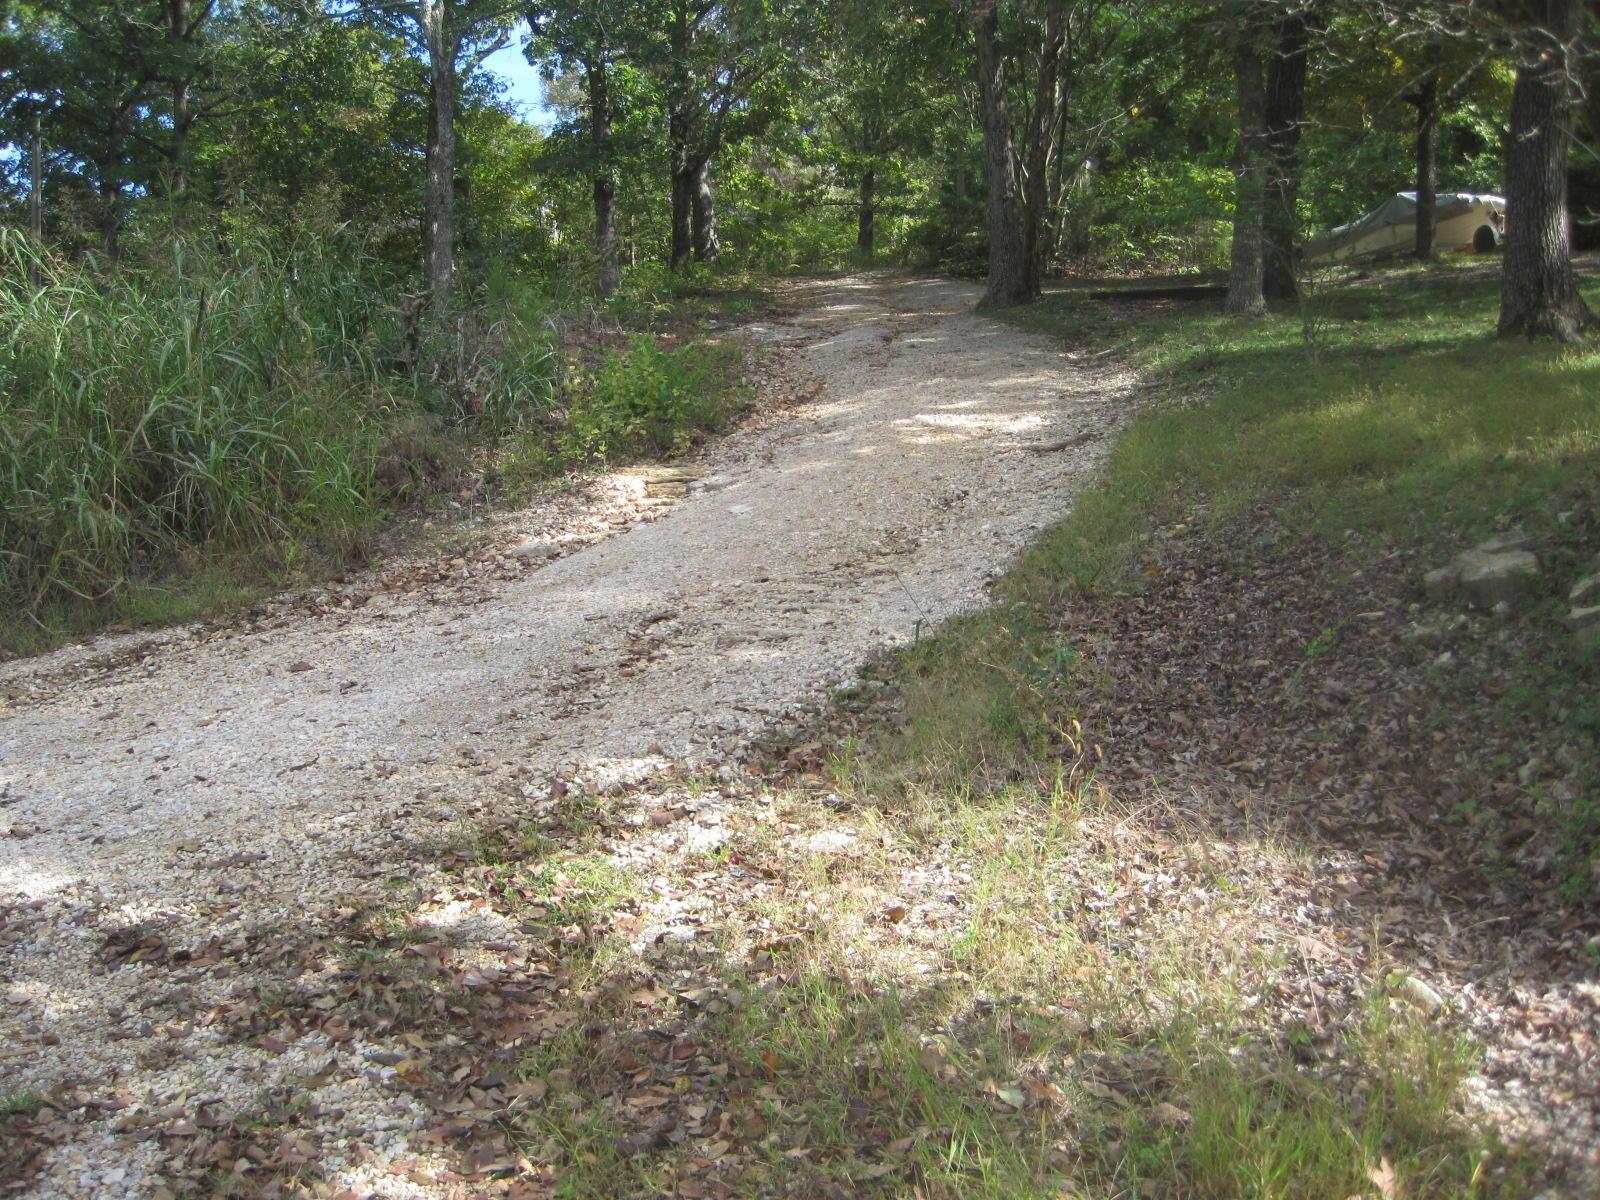 Tbd Small Wonder Lane Reeds Spring, MO 65737